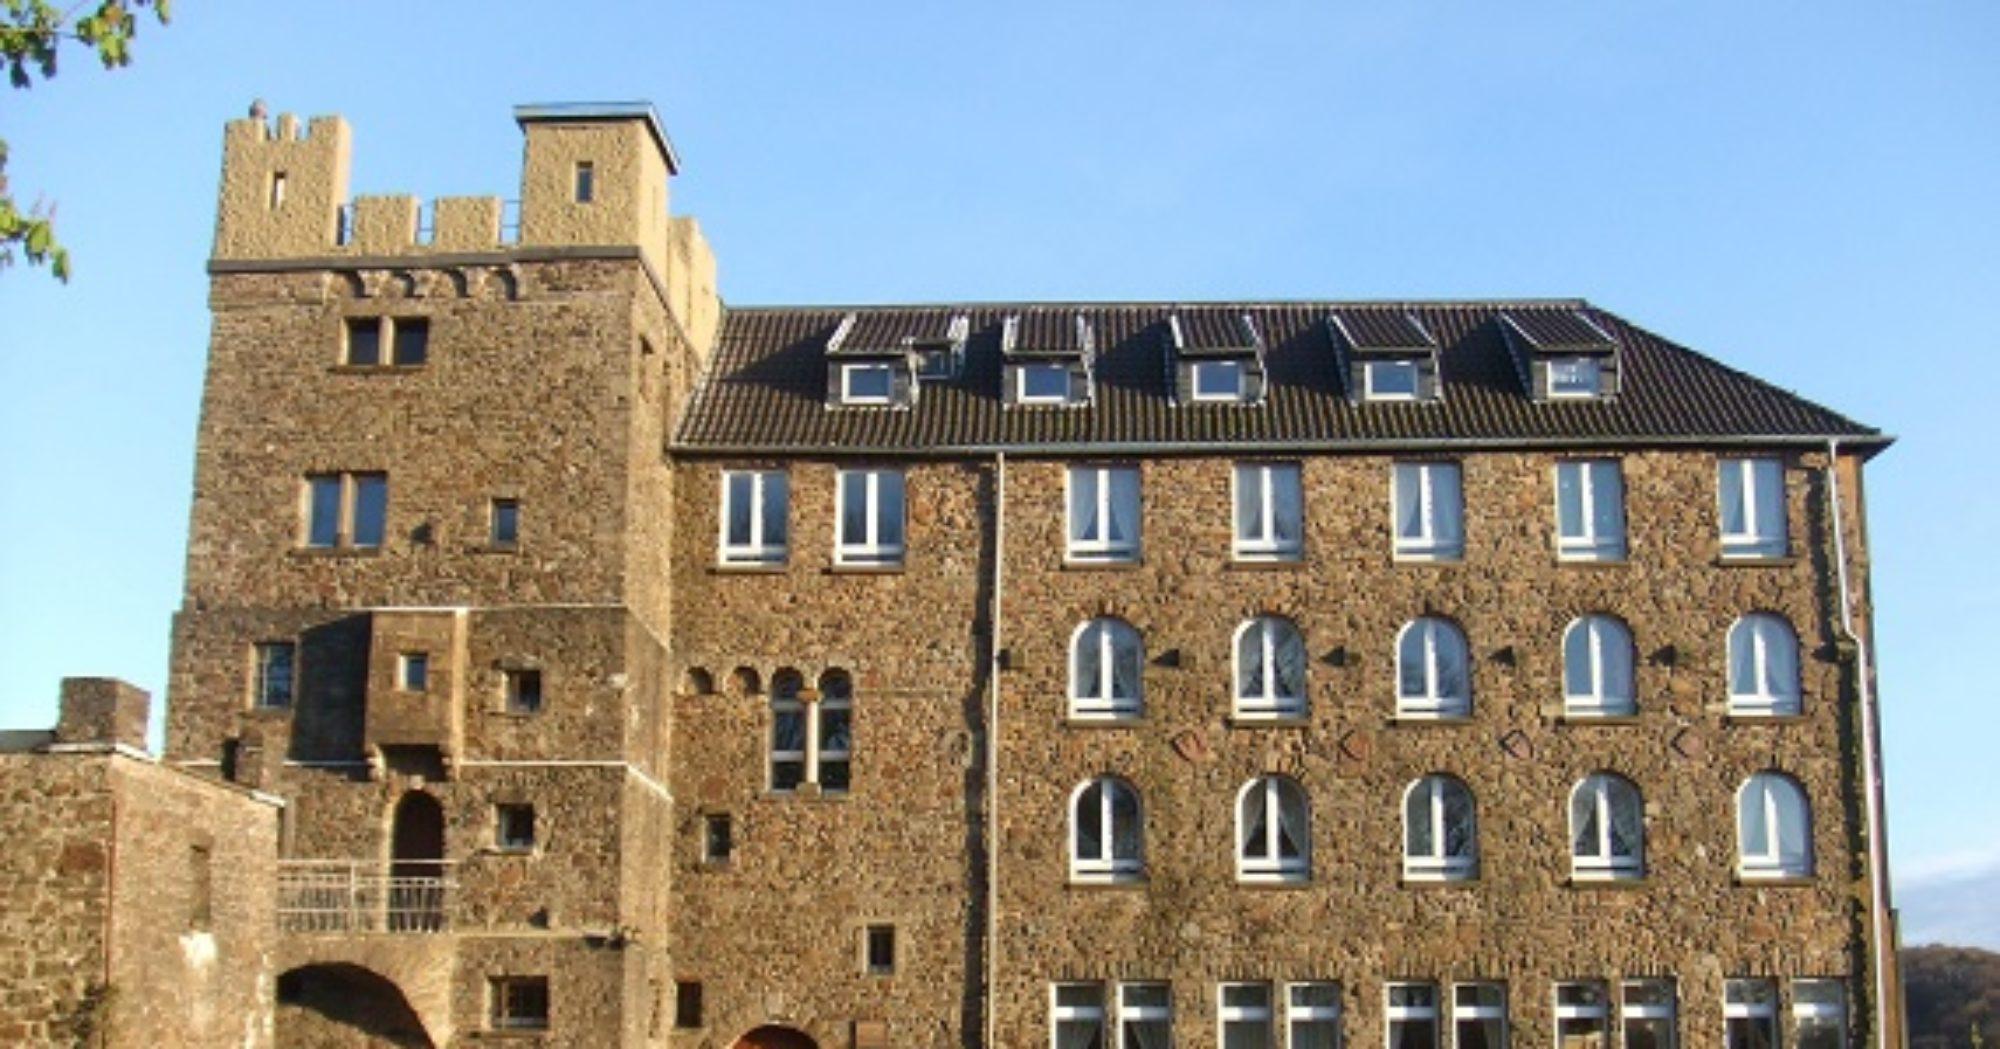 Burg Hohenscheid